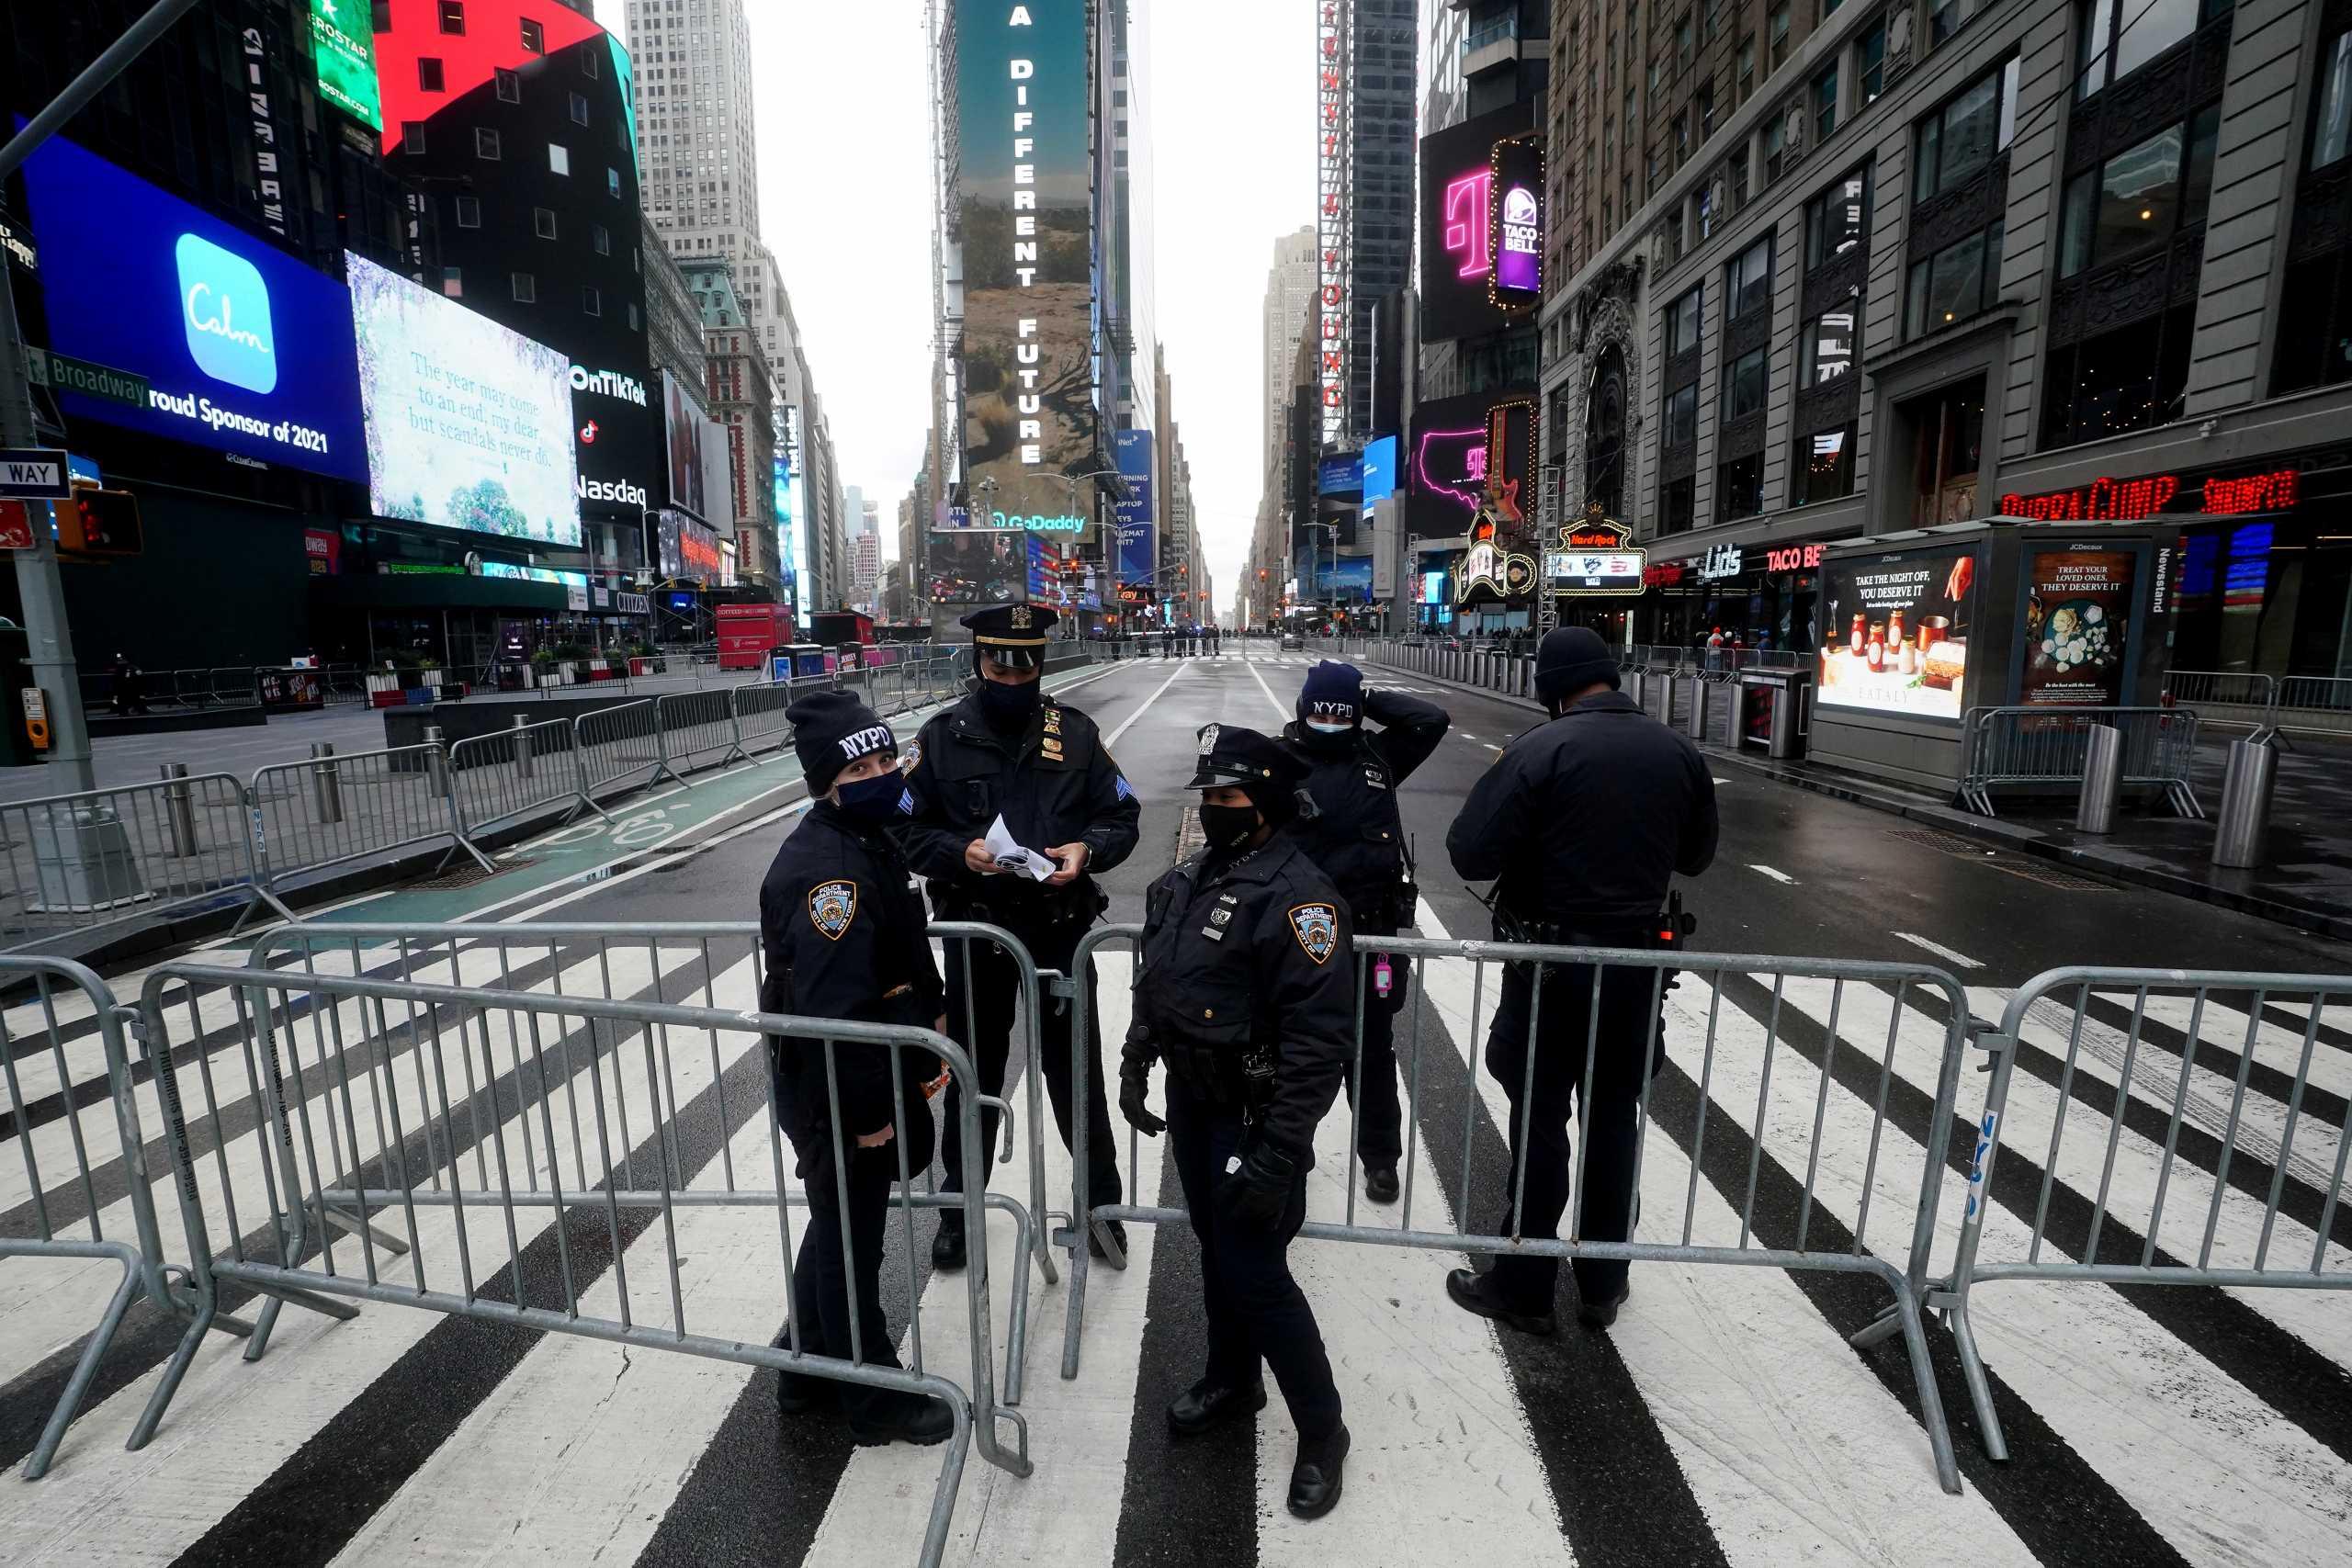 ΗΠΑ: Οδοφράγματα στην Times Square – Είσοδος σε λίγους προσκεκλημένους για την Πρωτοχρονια (pics)